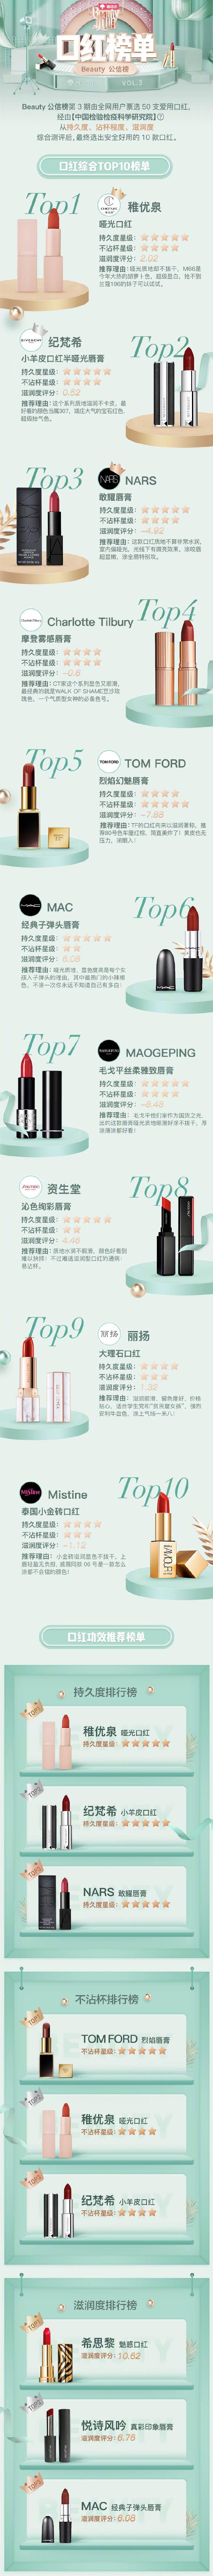 beauty小姐第二季公信榜榜单3--口红,种草+评测,口红top10排行榜